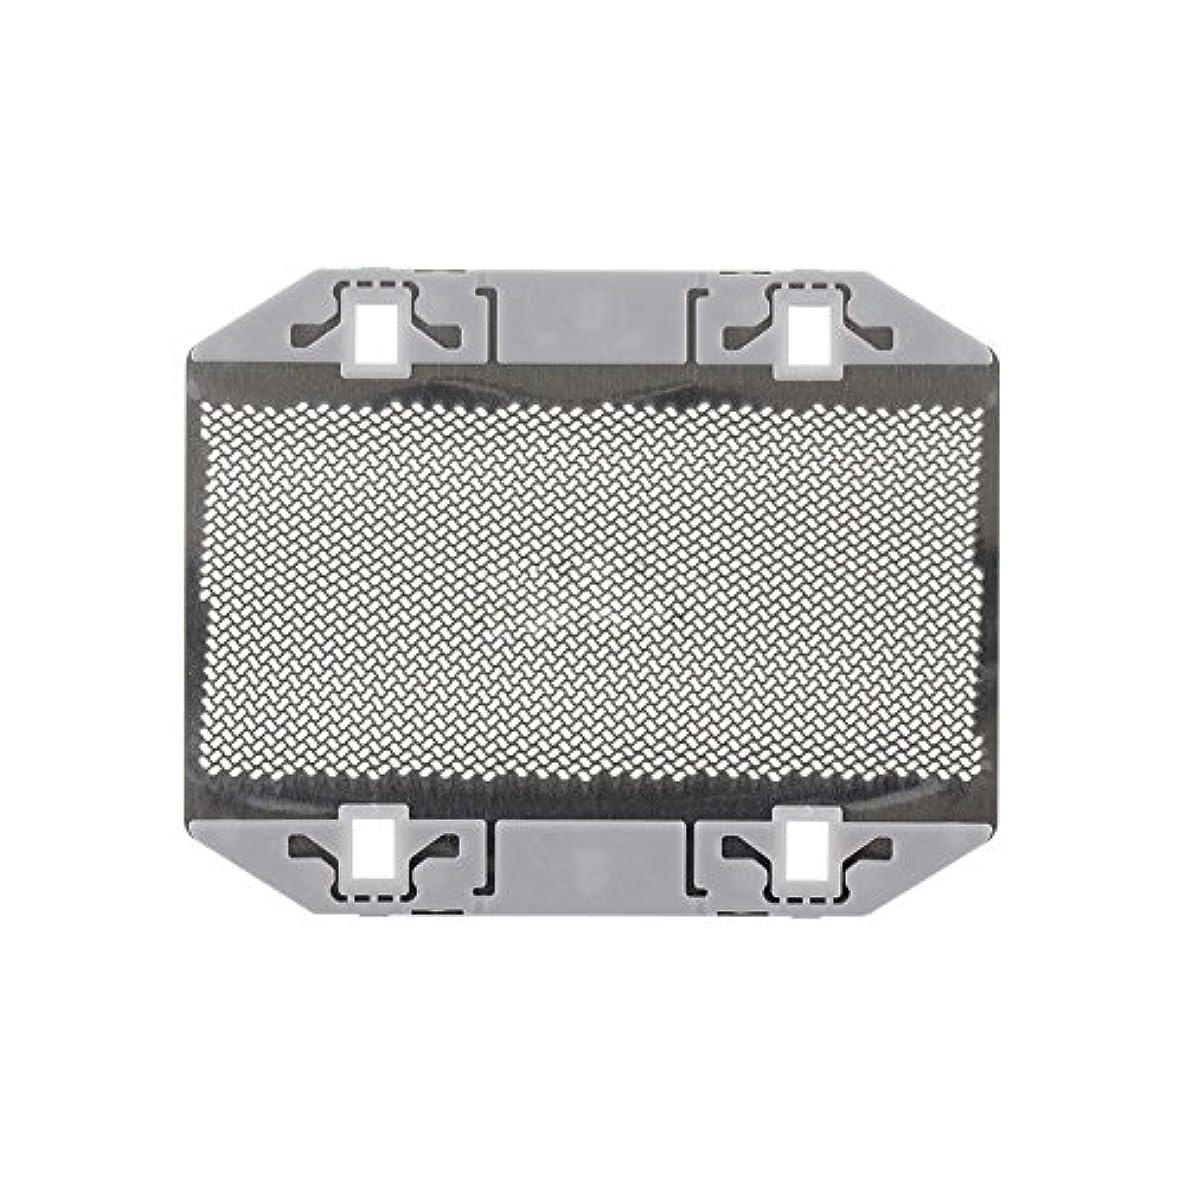 ダム部分モジュールDeylaying シェーバー替刃 ロータリー式シェーバー パーツ 外刃 耐用 高質量 for Panasonic ES9943 ES3042 ES3801 ES3750 ES365 ES366